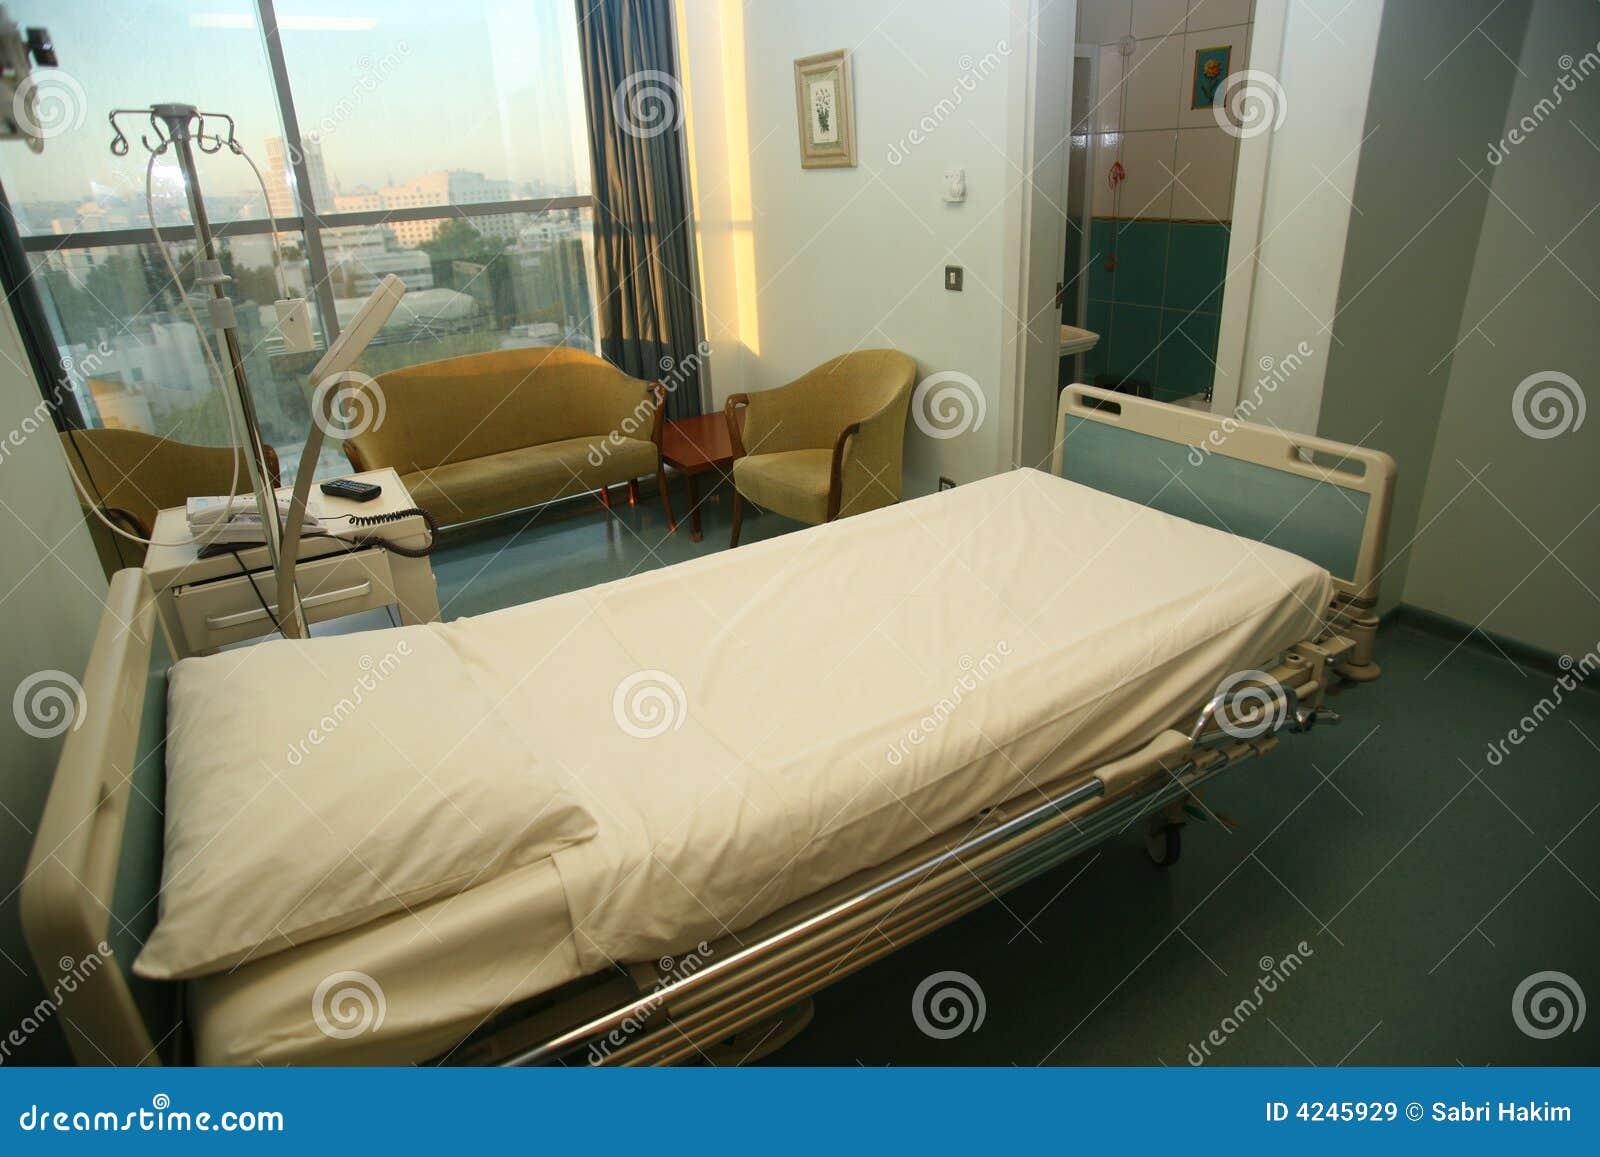 Camera da letto del letto di ospedale immagine stock immagine di pulito assestamento 4245929 - Camera di letto usato ...